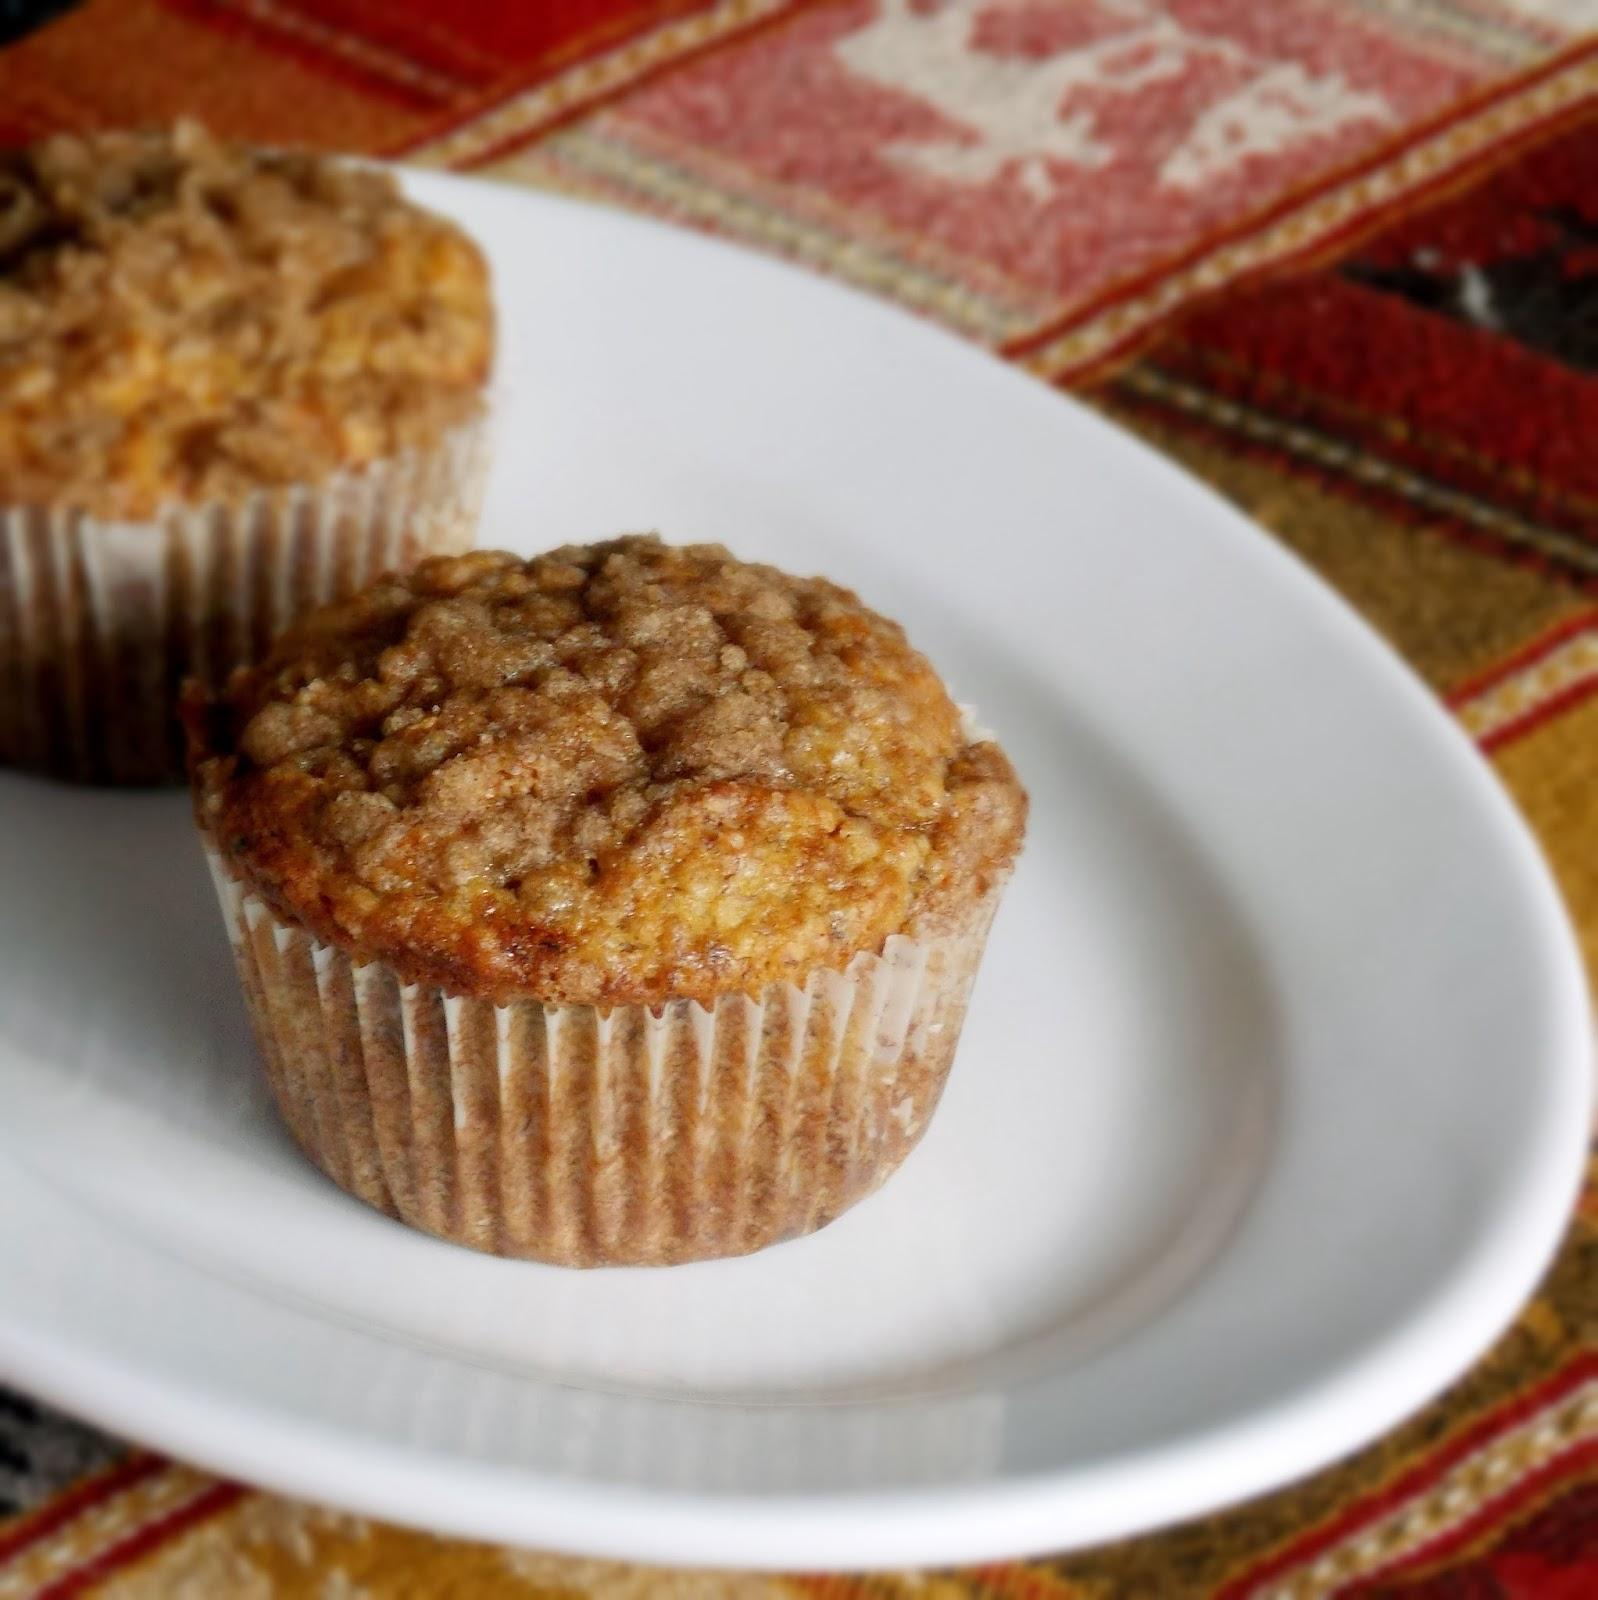 Lower Sugar Banana Crumb Muffins - Grumpy's Honey Bunch